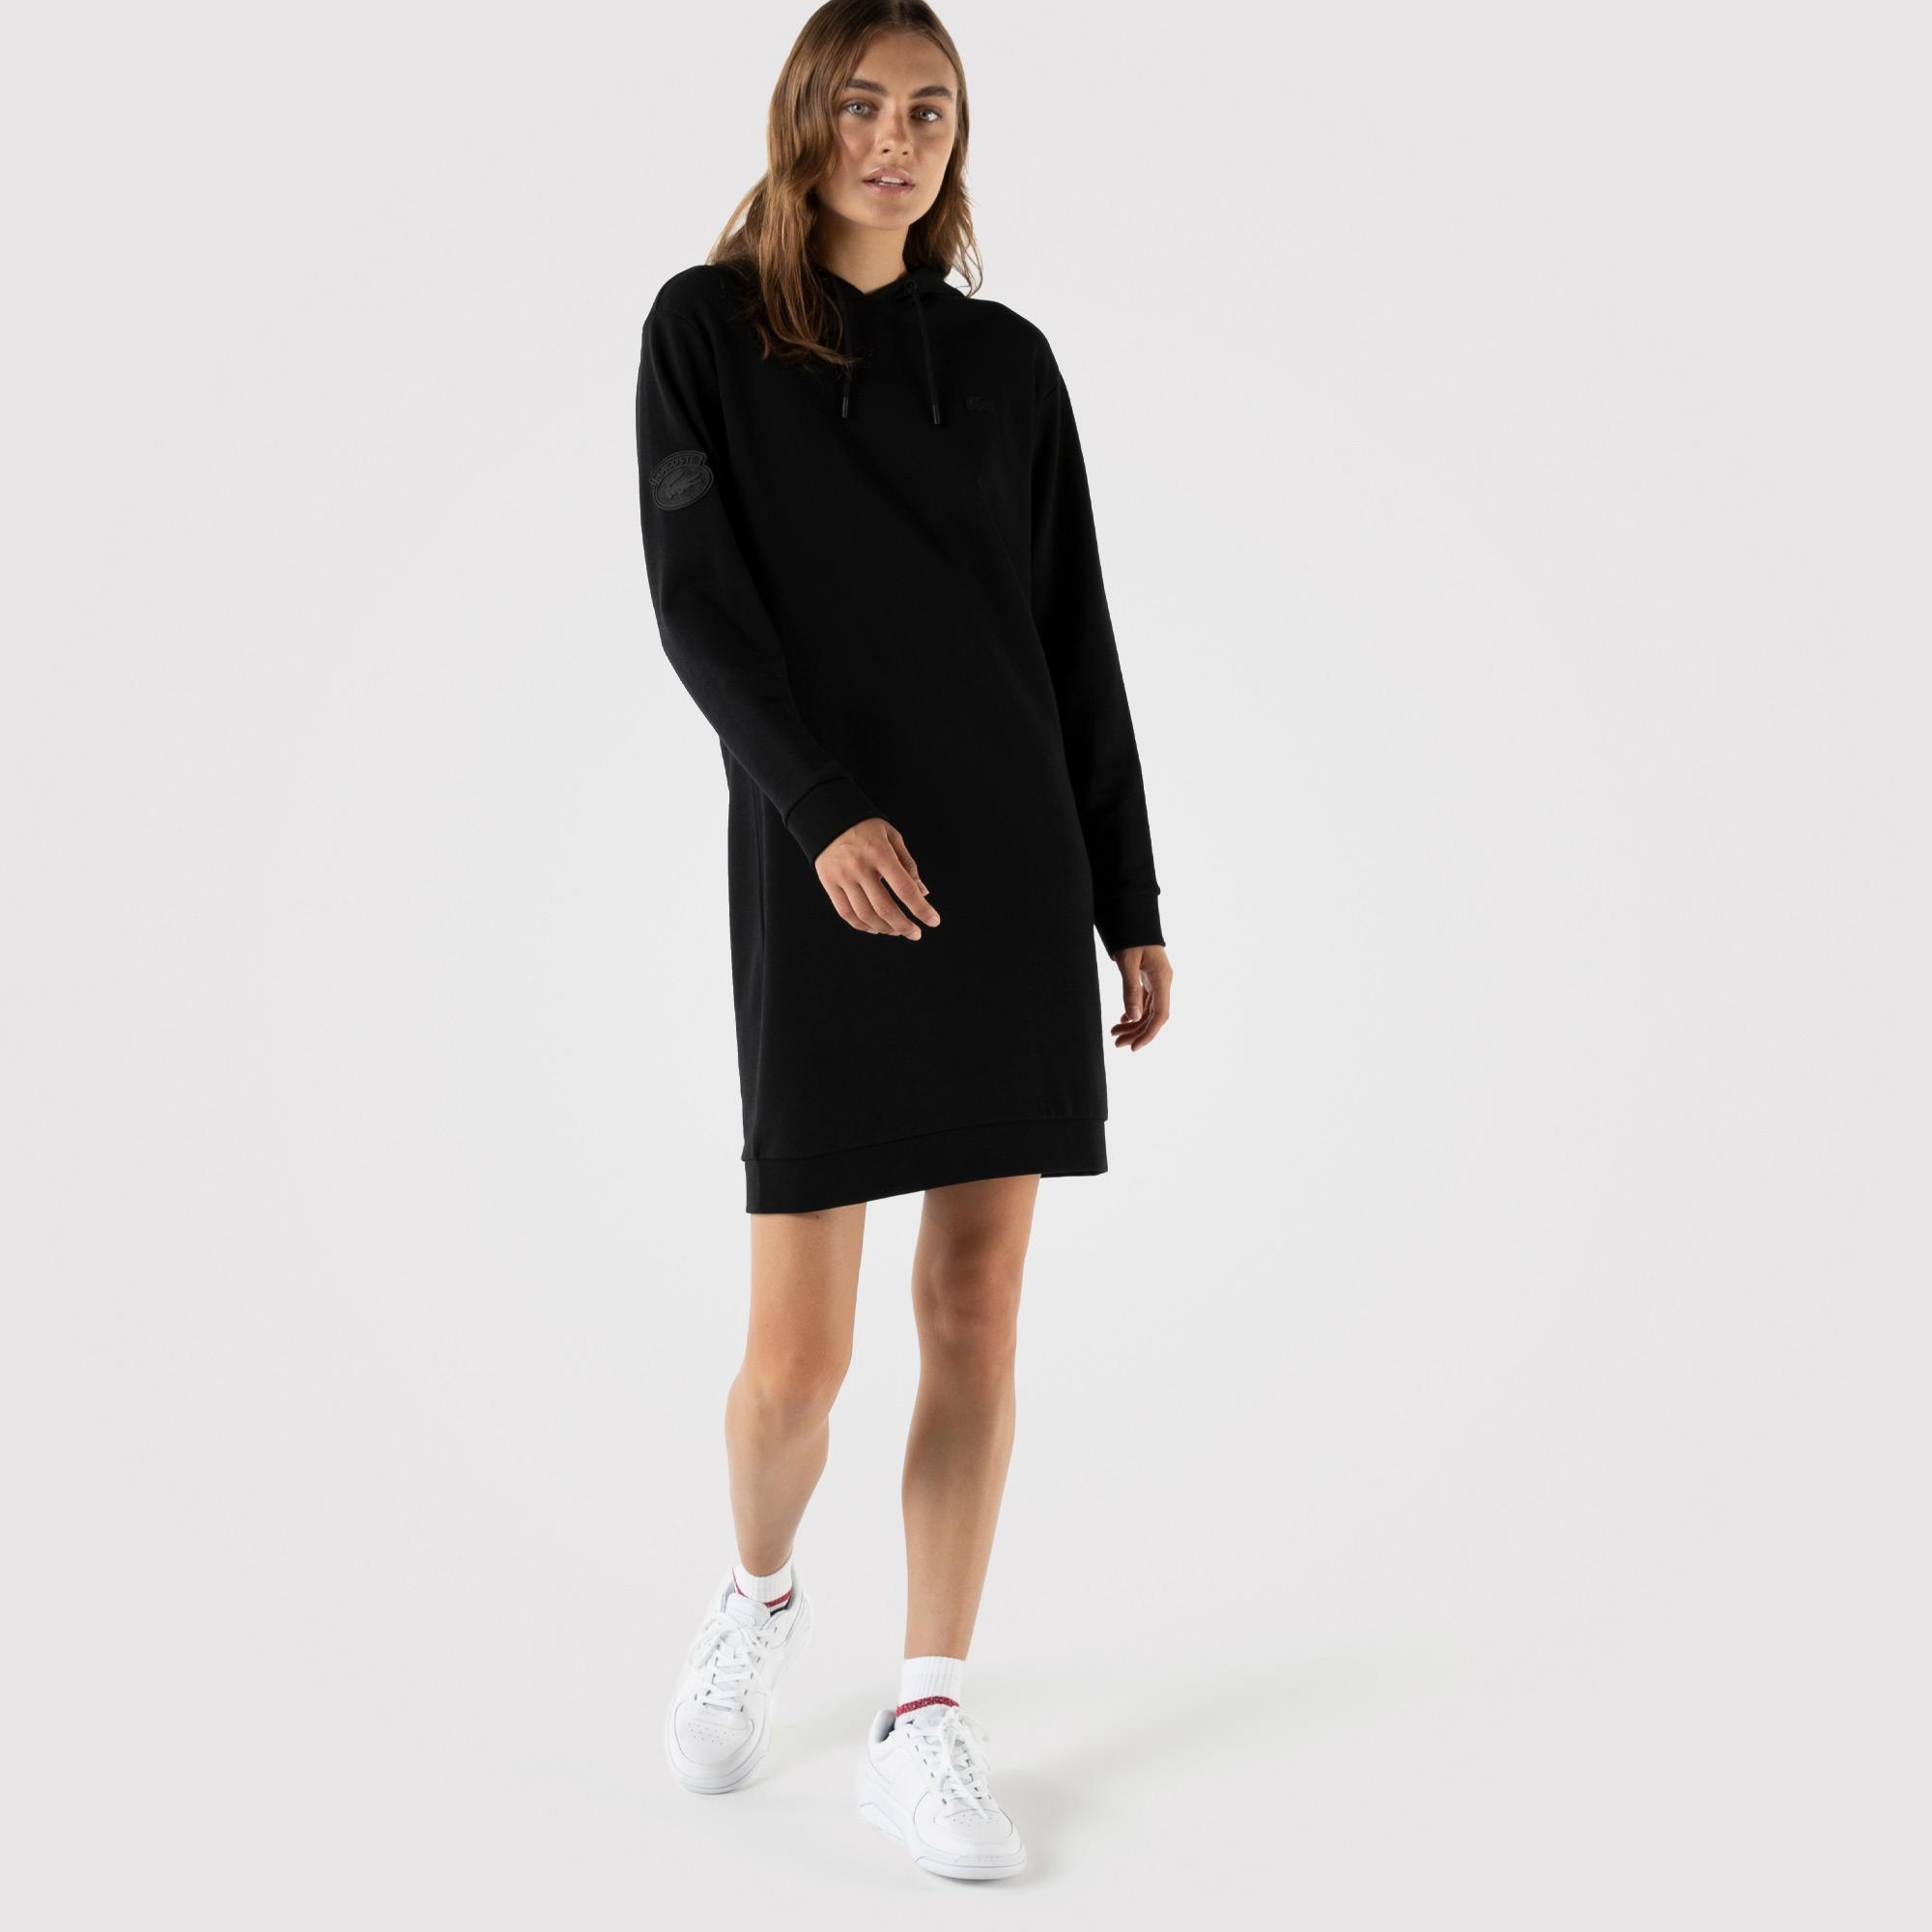 Lacoste Kadın Loose Fit Uzun Kollu Kapüşonlu Siyah Elbise